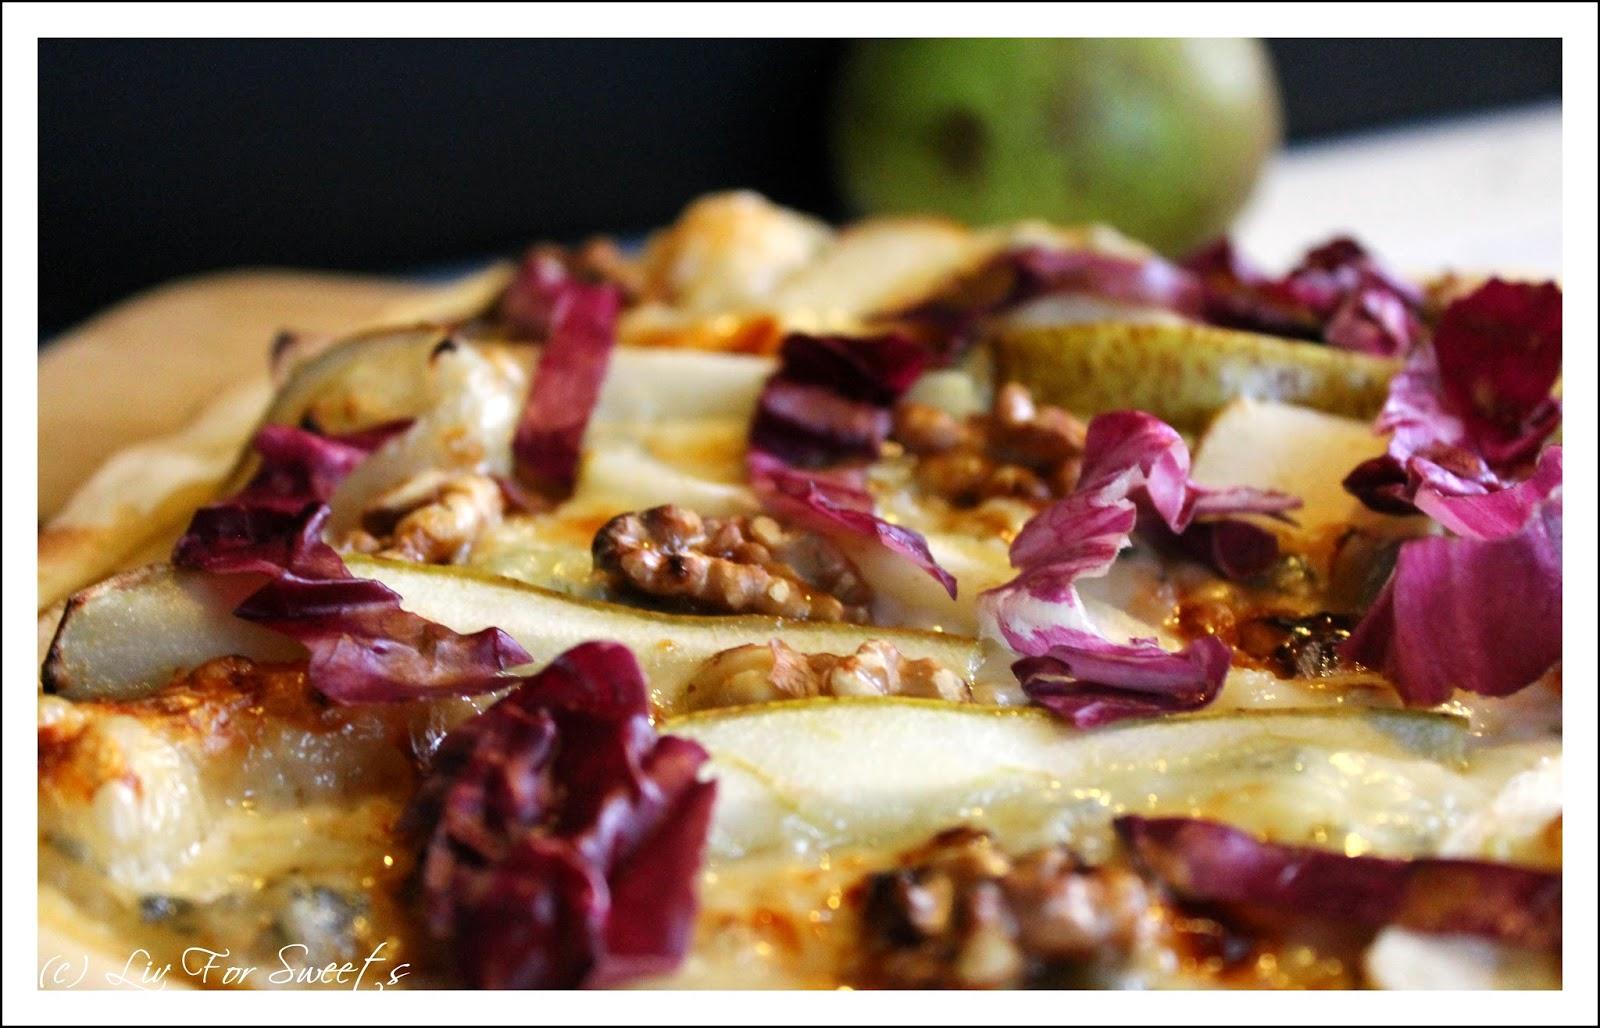 selbstgemachter Pizzateig mit Walnüsse, Birne, Gorgonzola und Honig - Rezept auch für den Thermomix